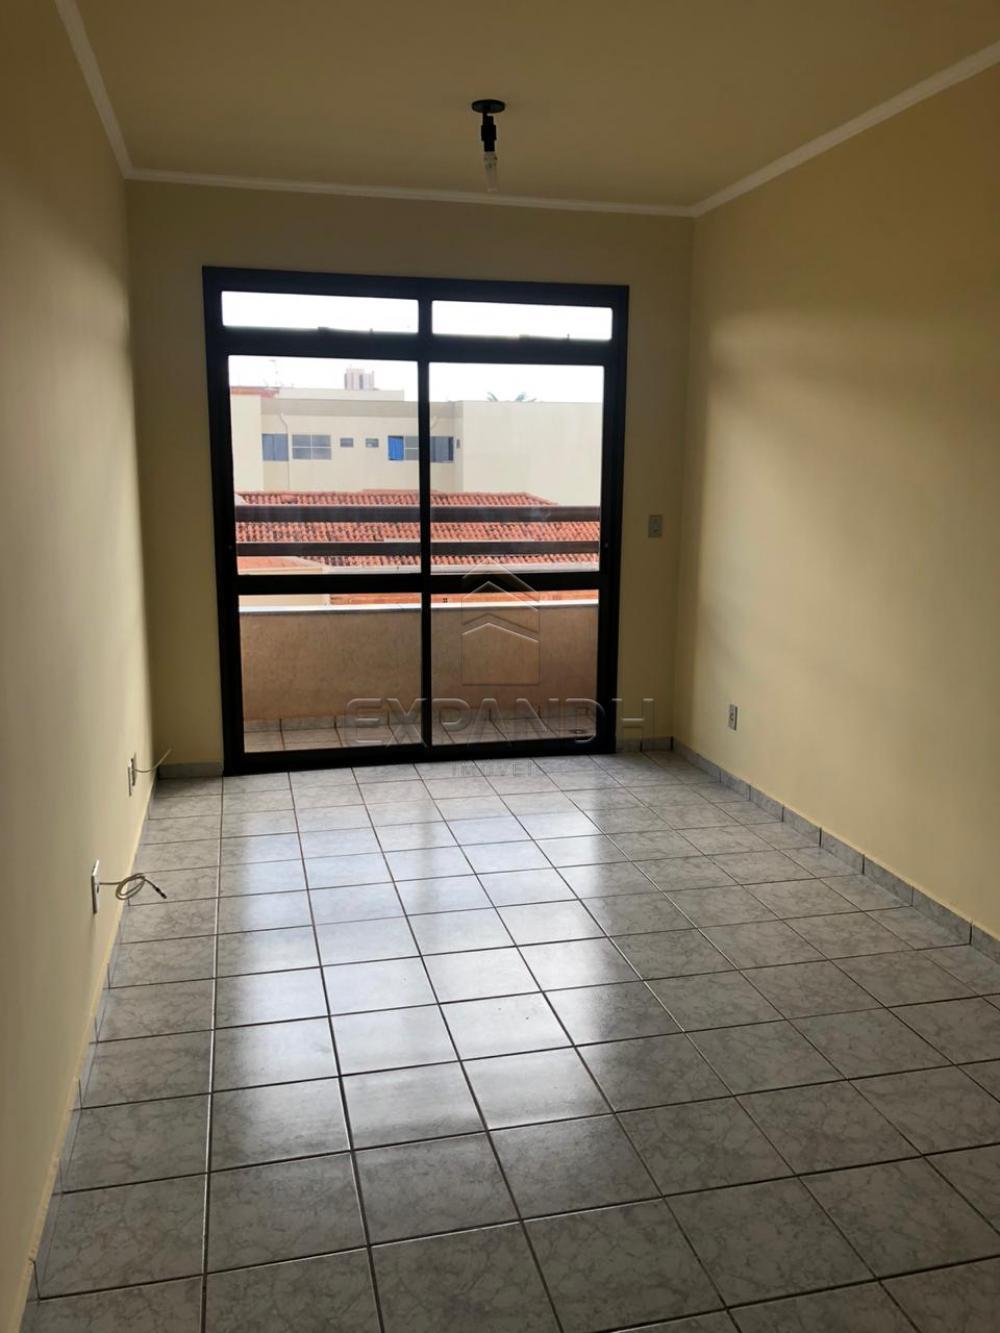 Alugar Apartamentos / Padrão em Sertãozinho R$ 700,00 - Foto 2